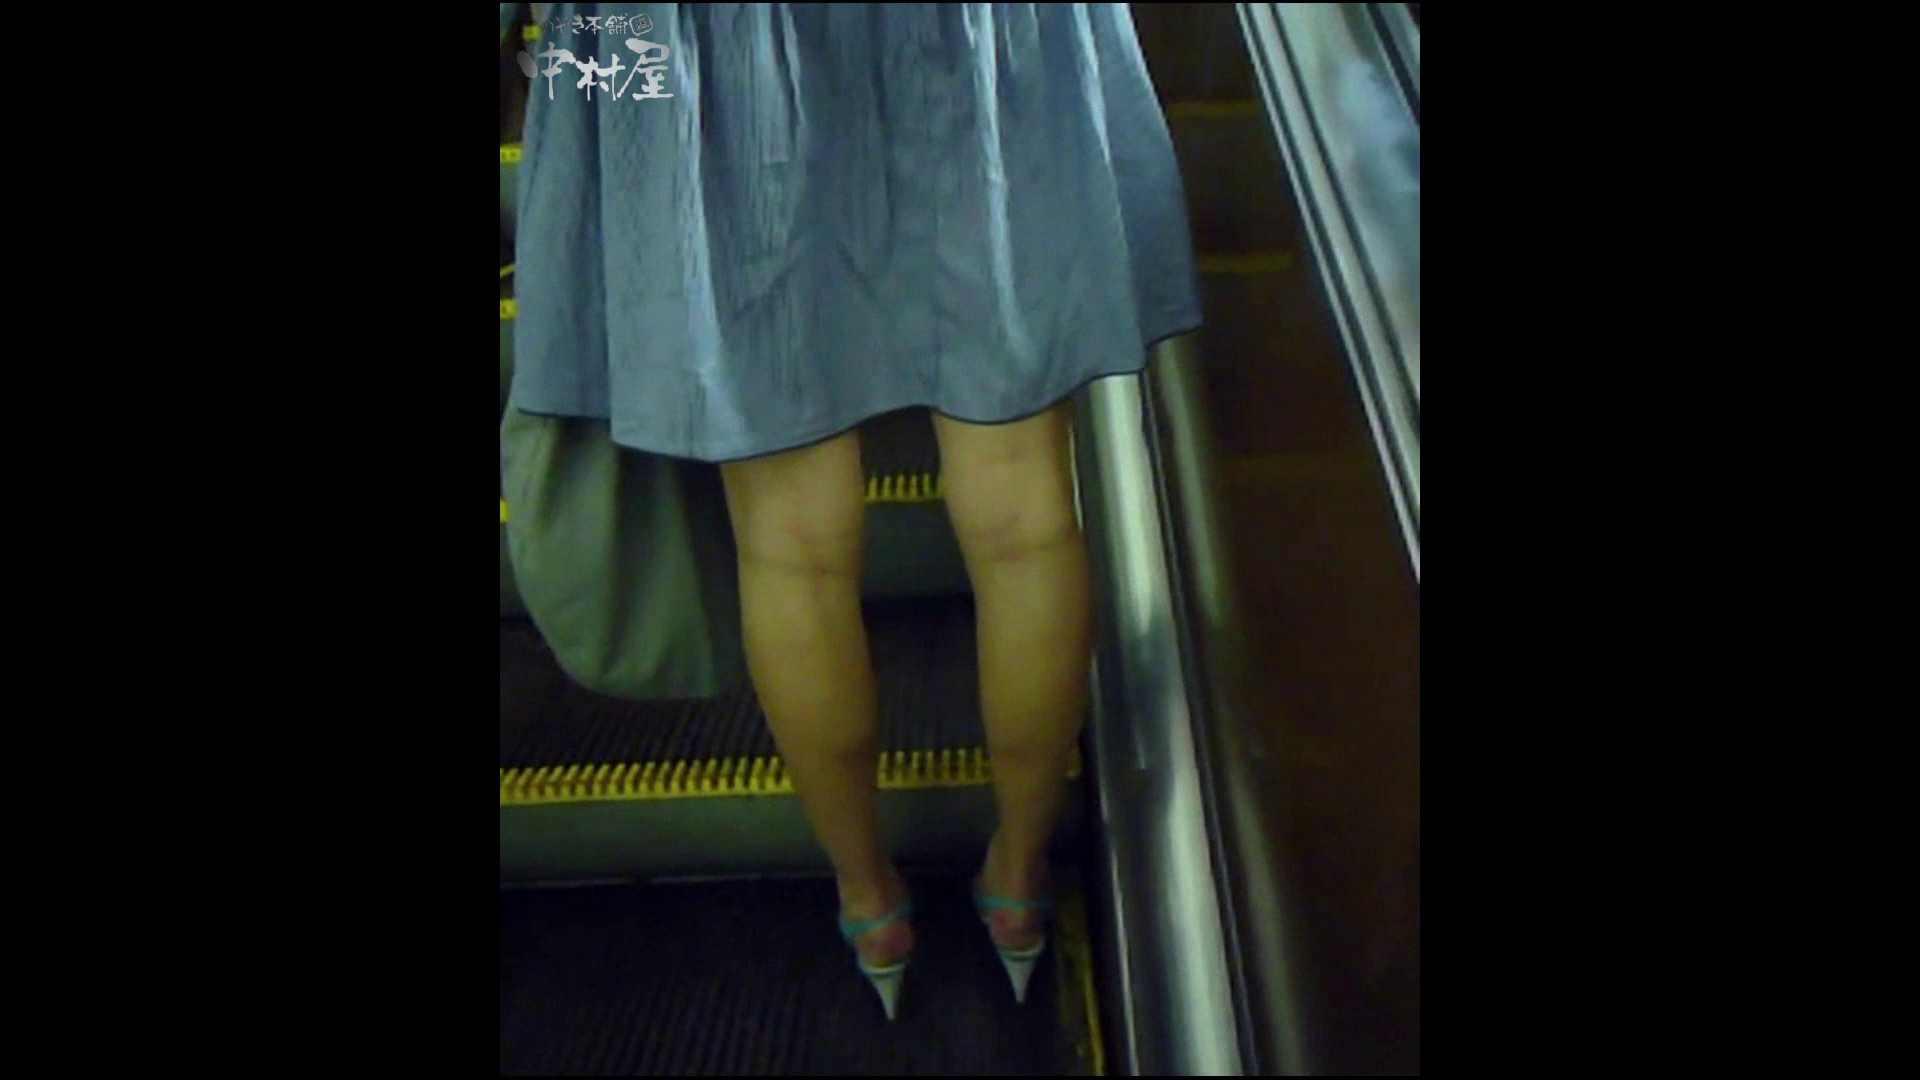 綺麗なモデルさんのスカート捲っちゃおう‼ vol26 Hなお姉さん | HなOL  76pic 63